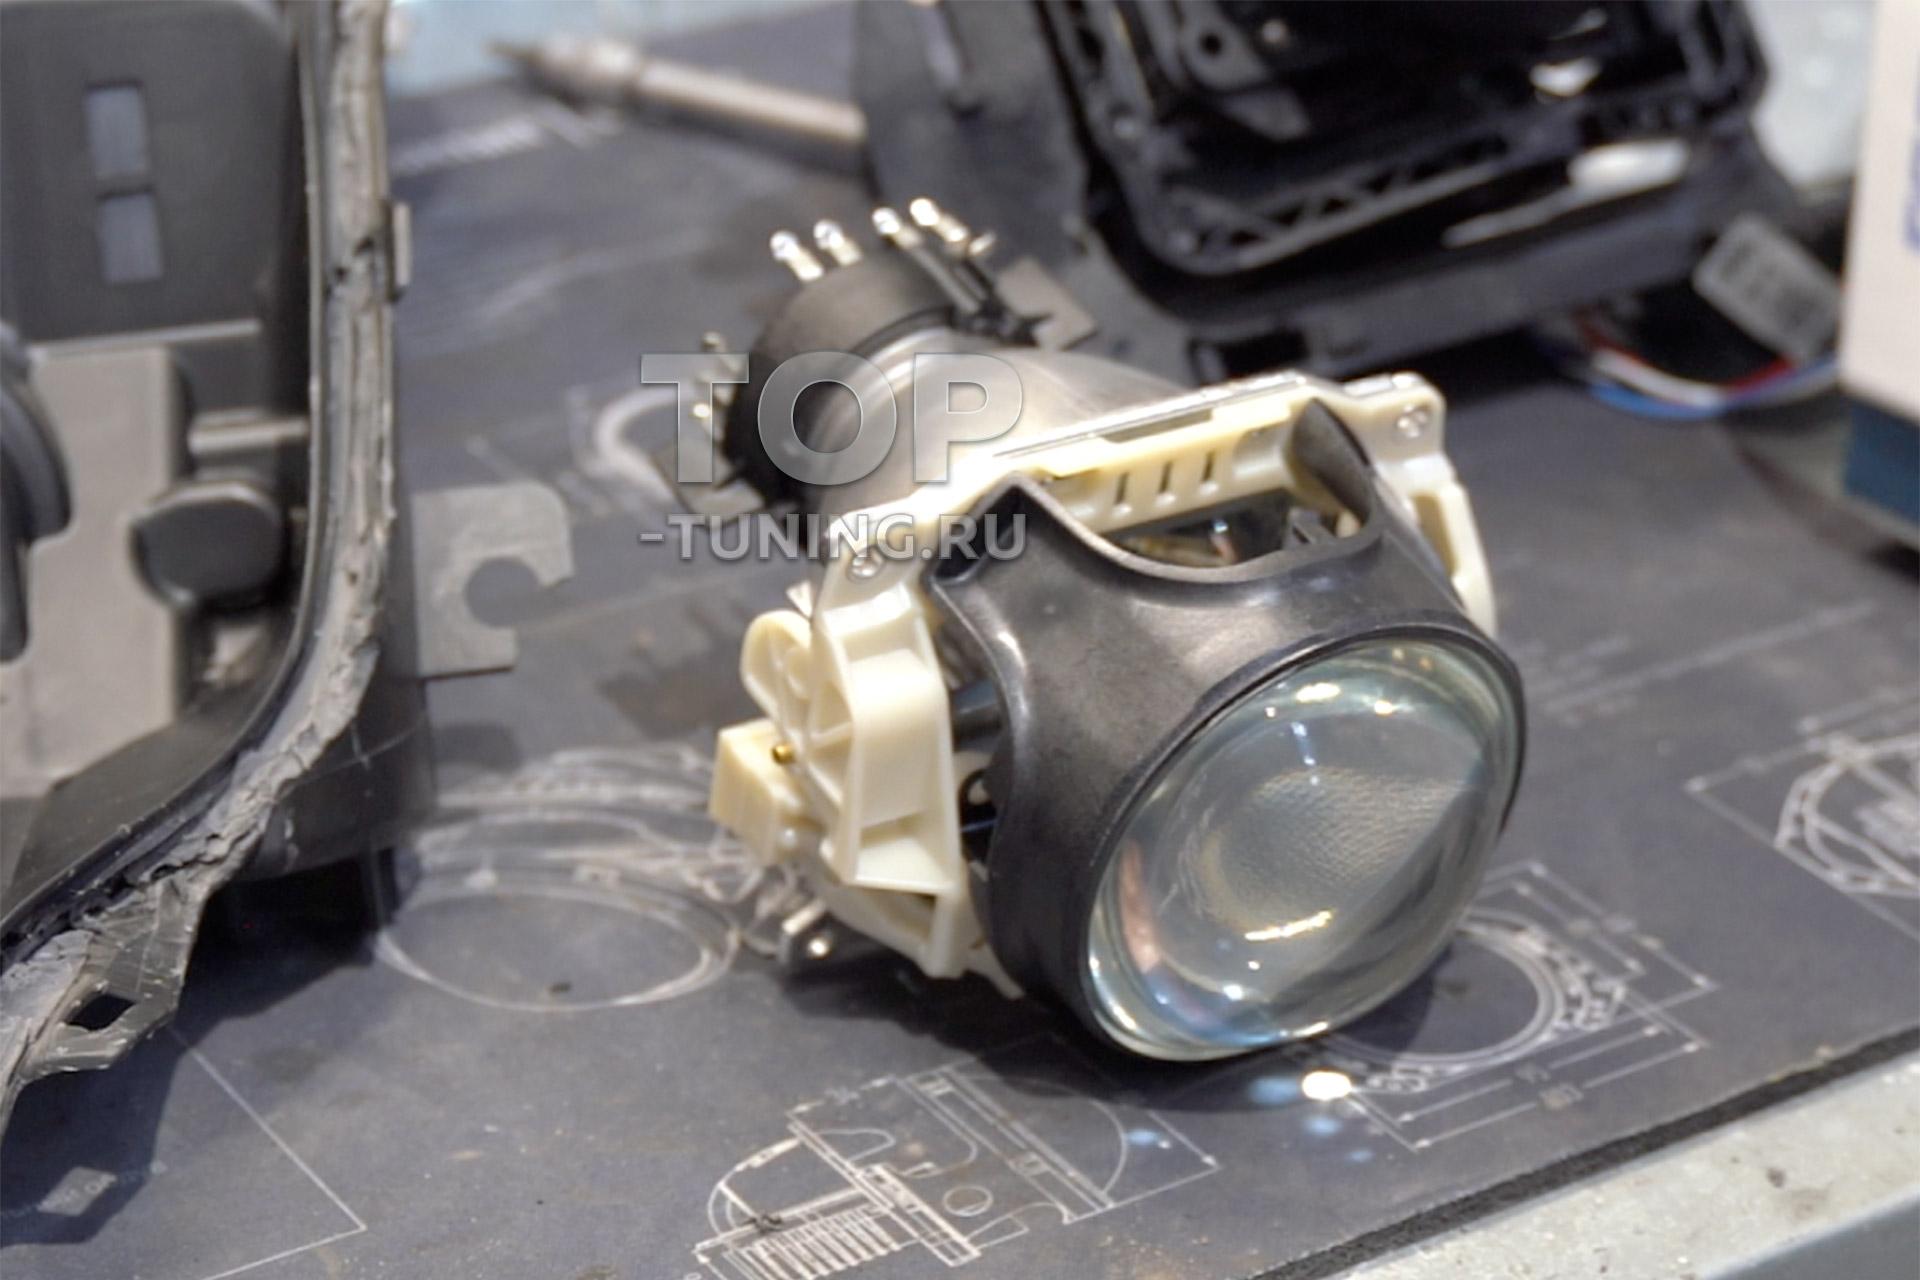 Плохой свет фар в Рендж Ровер 4 - Причина, обзор и способы решения